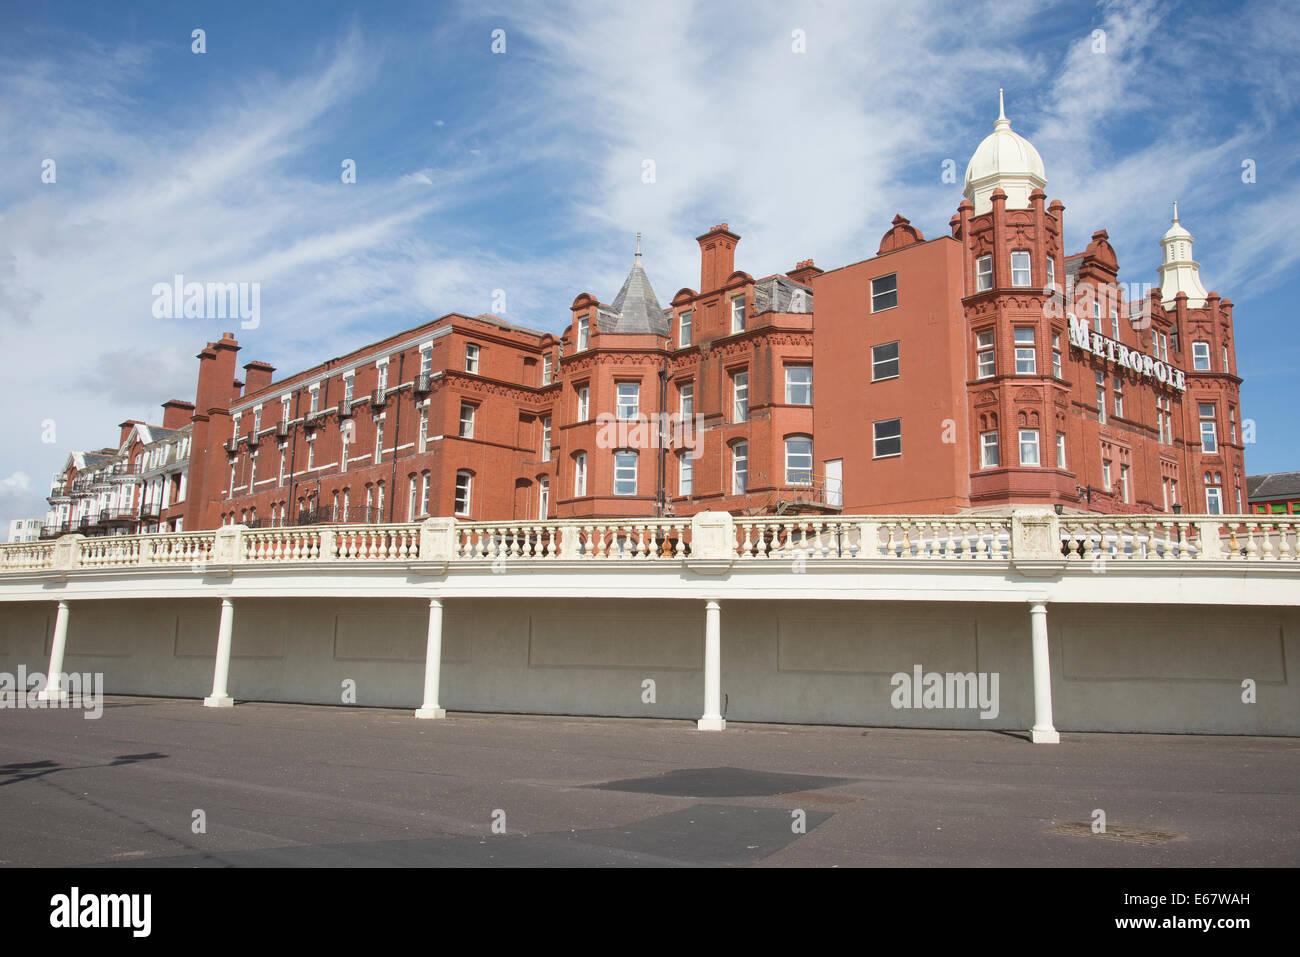 Metropole Hotel Blackpool Lancashire England Großbritannien gesehen an einem Sommertag im August 2014 und niemand Stockbild